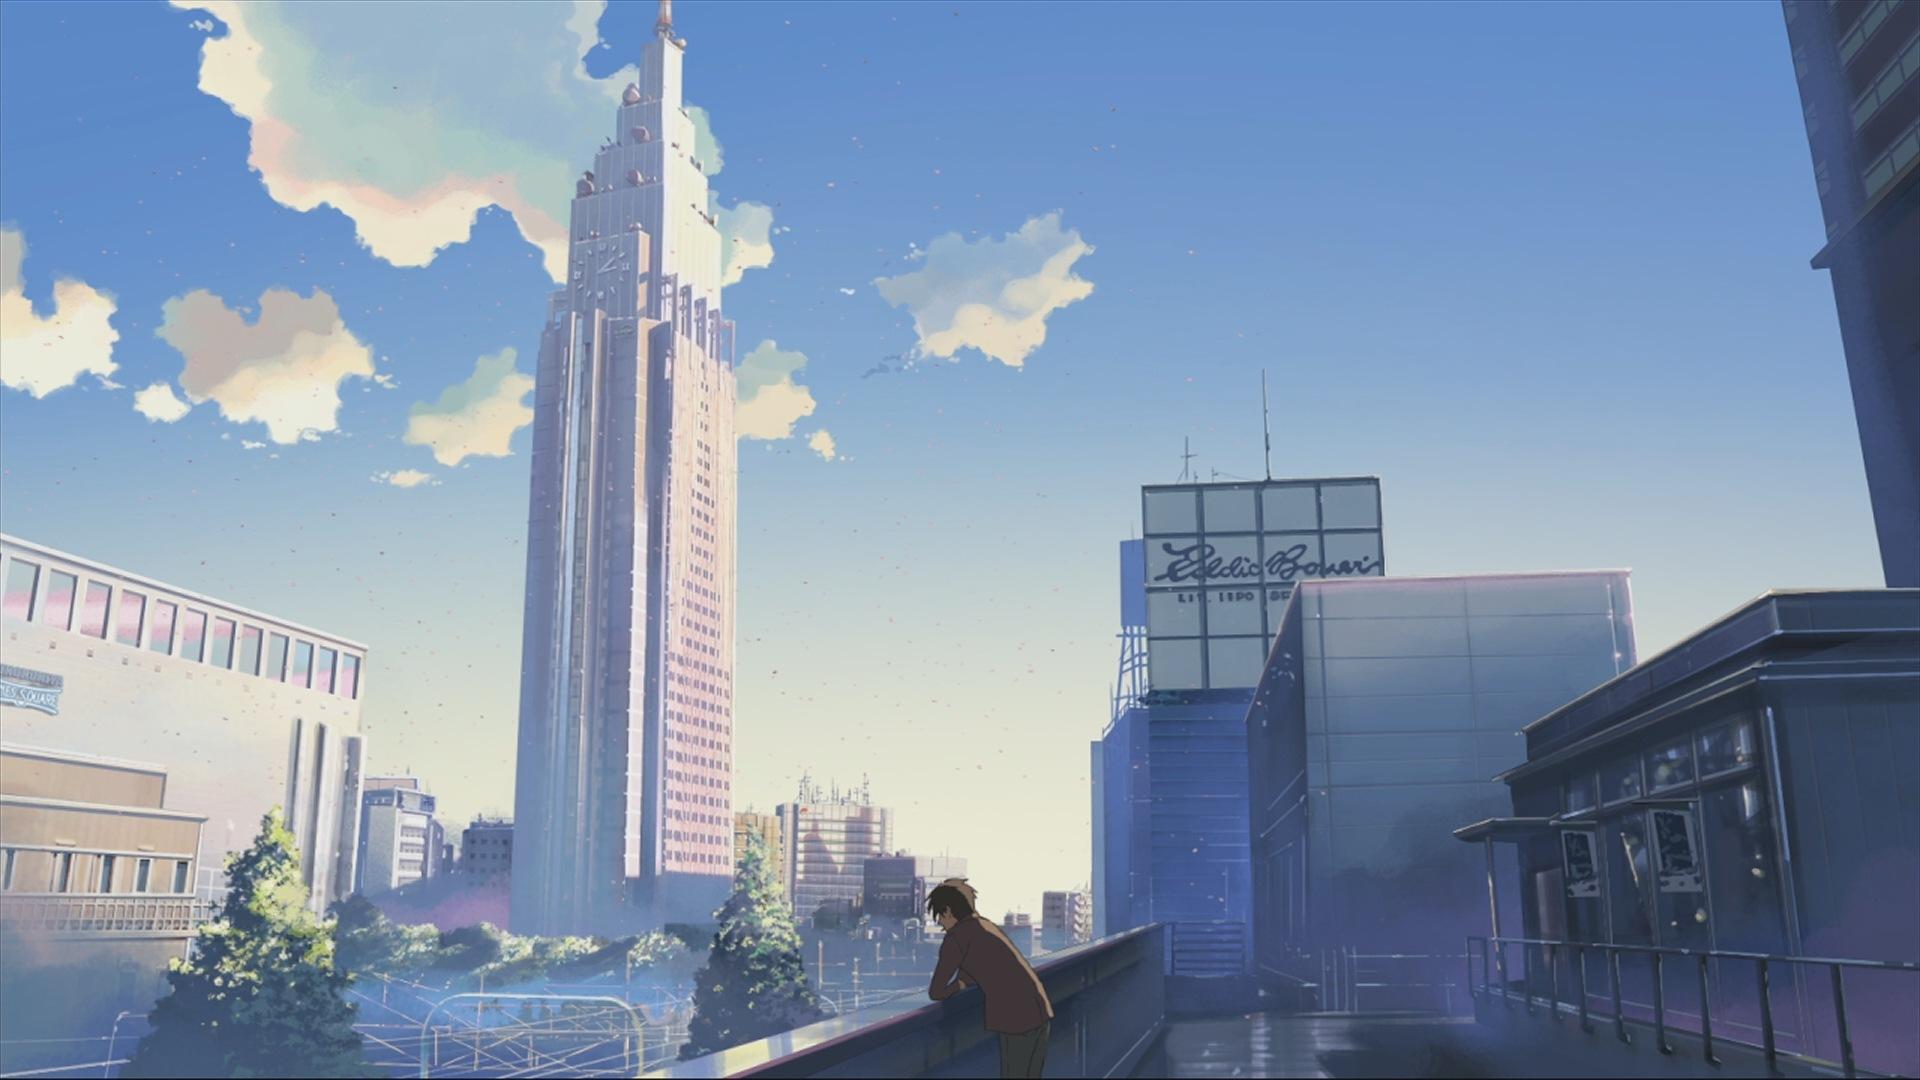 Most Inspiring Wallpaper Anime Aesthetic - 77255  Photograph_22537      .jpg